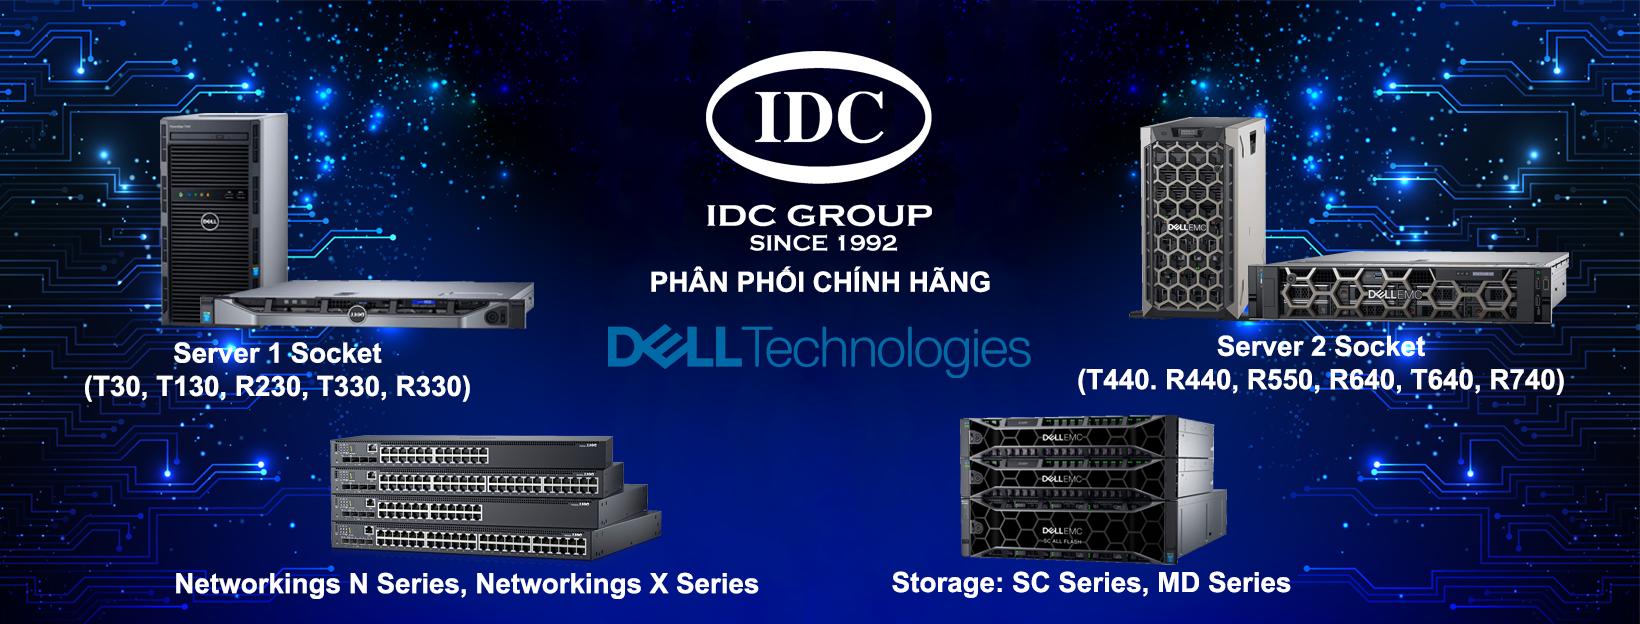 IDC Group – Nhà phân phối sản phẩm Dell tăng trưởng nhanh nhất thị trường - Ảnh 1.